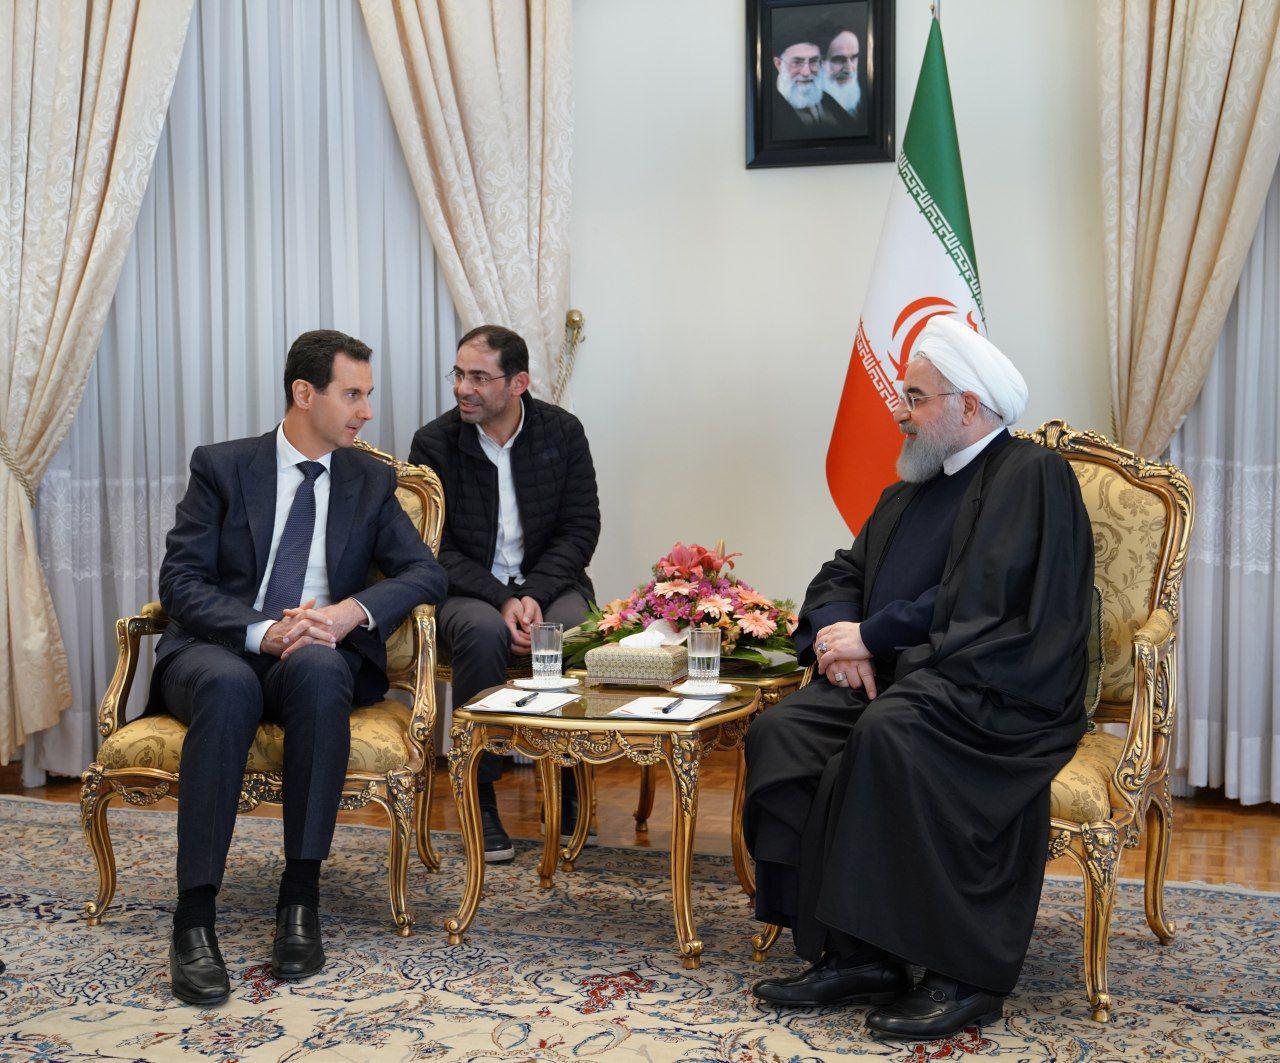 روحانی در دیدار بشار اسد: ایران همچون گذشته در کنار مردم و دولت سوریه خواهد بود